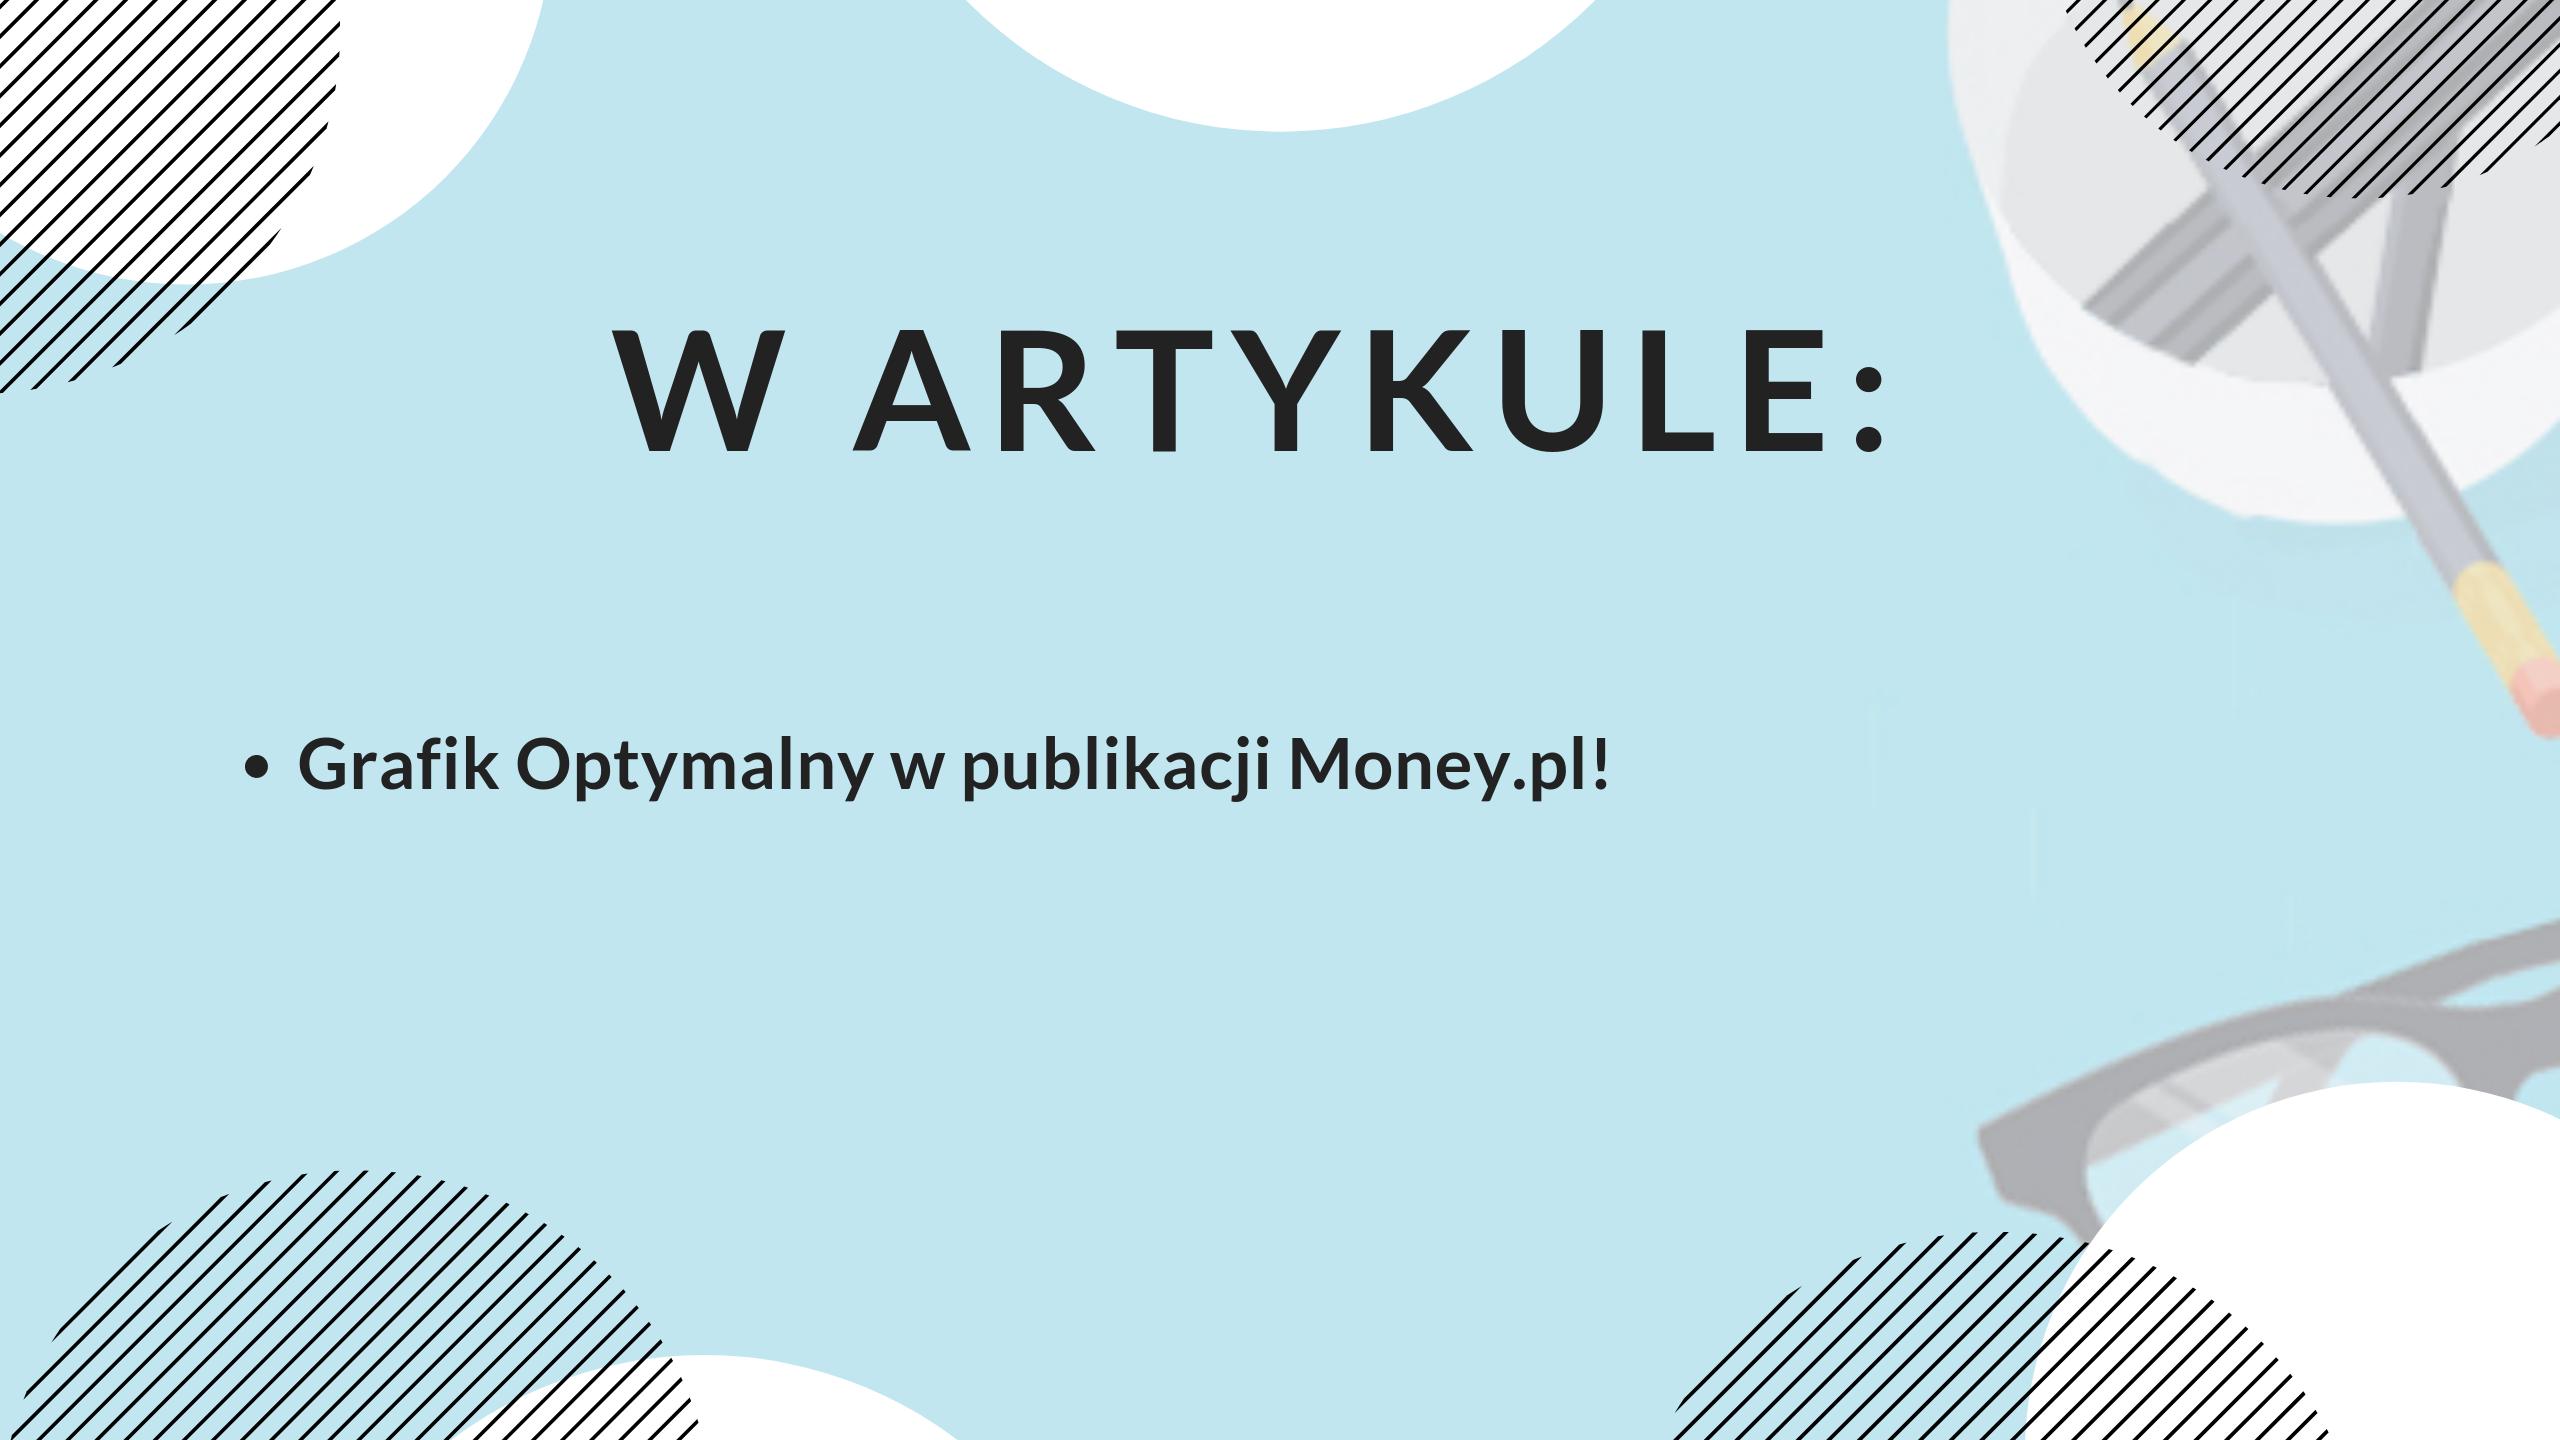 Grafik Optymalny w Money.pl!